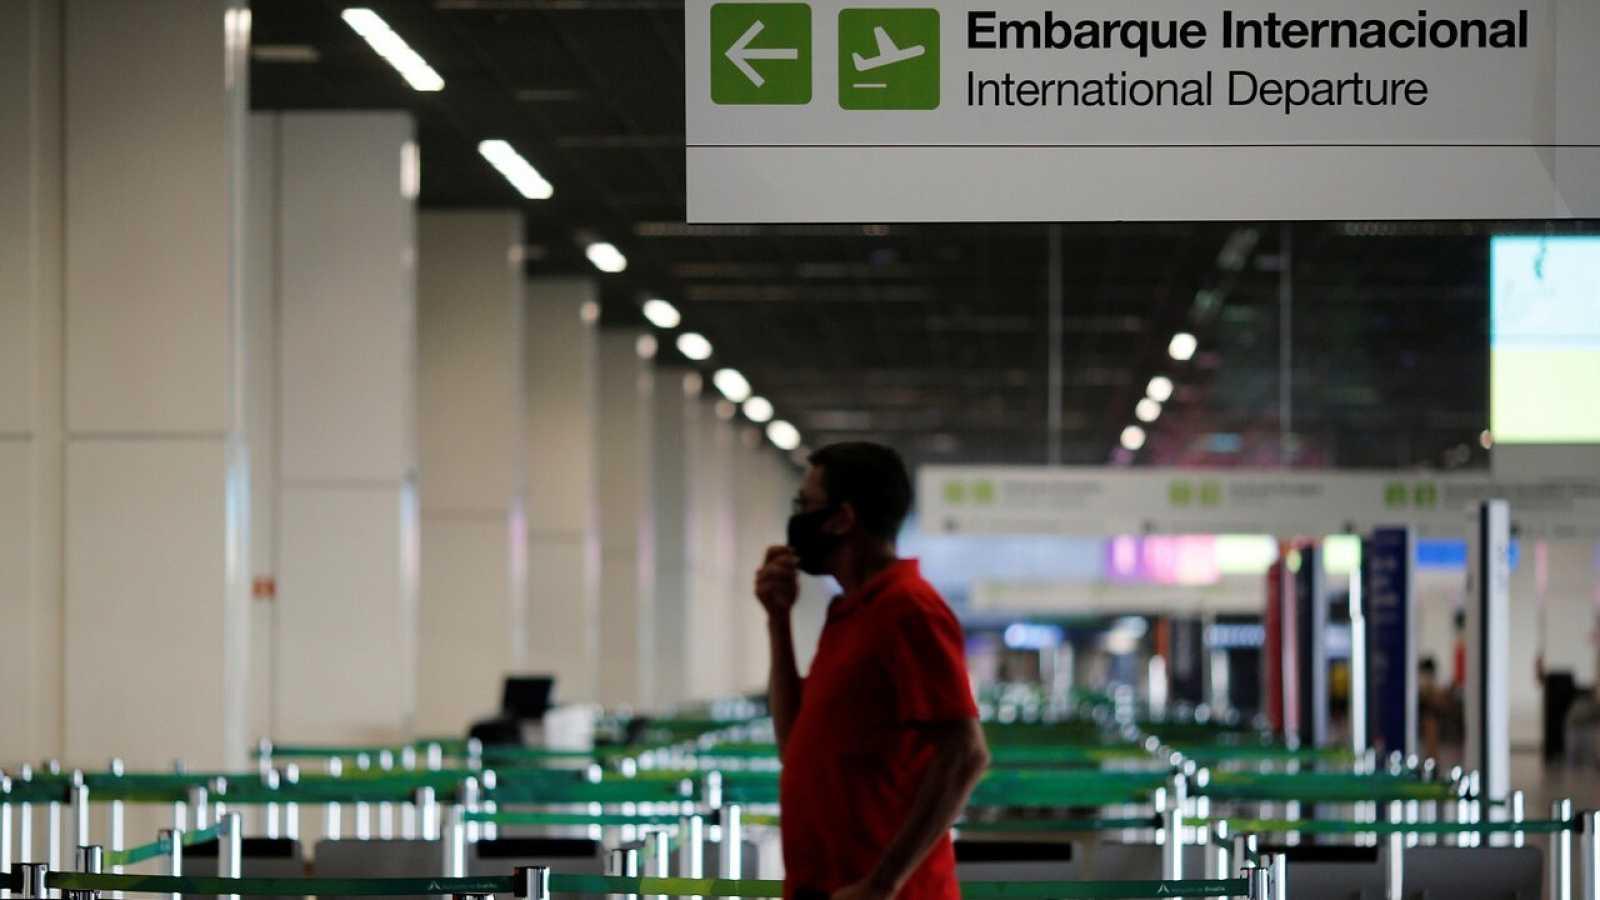 Un hombre con mascarilla en el Aeropuerto Internacional Presidente Juscelino Kubitschek (Brasilia)